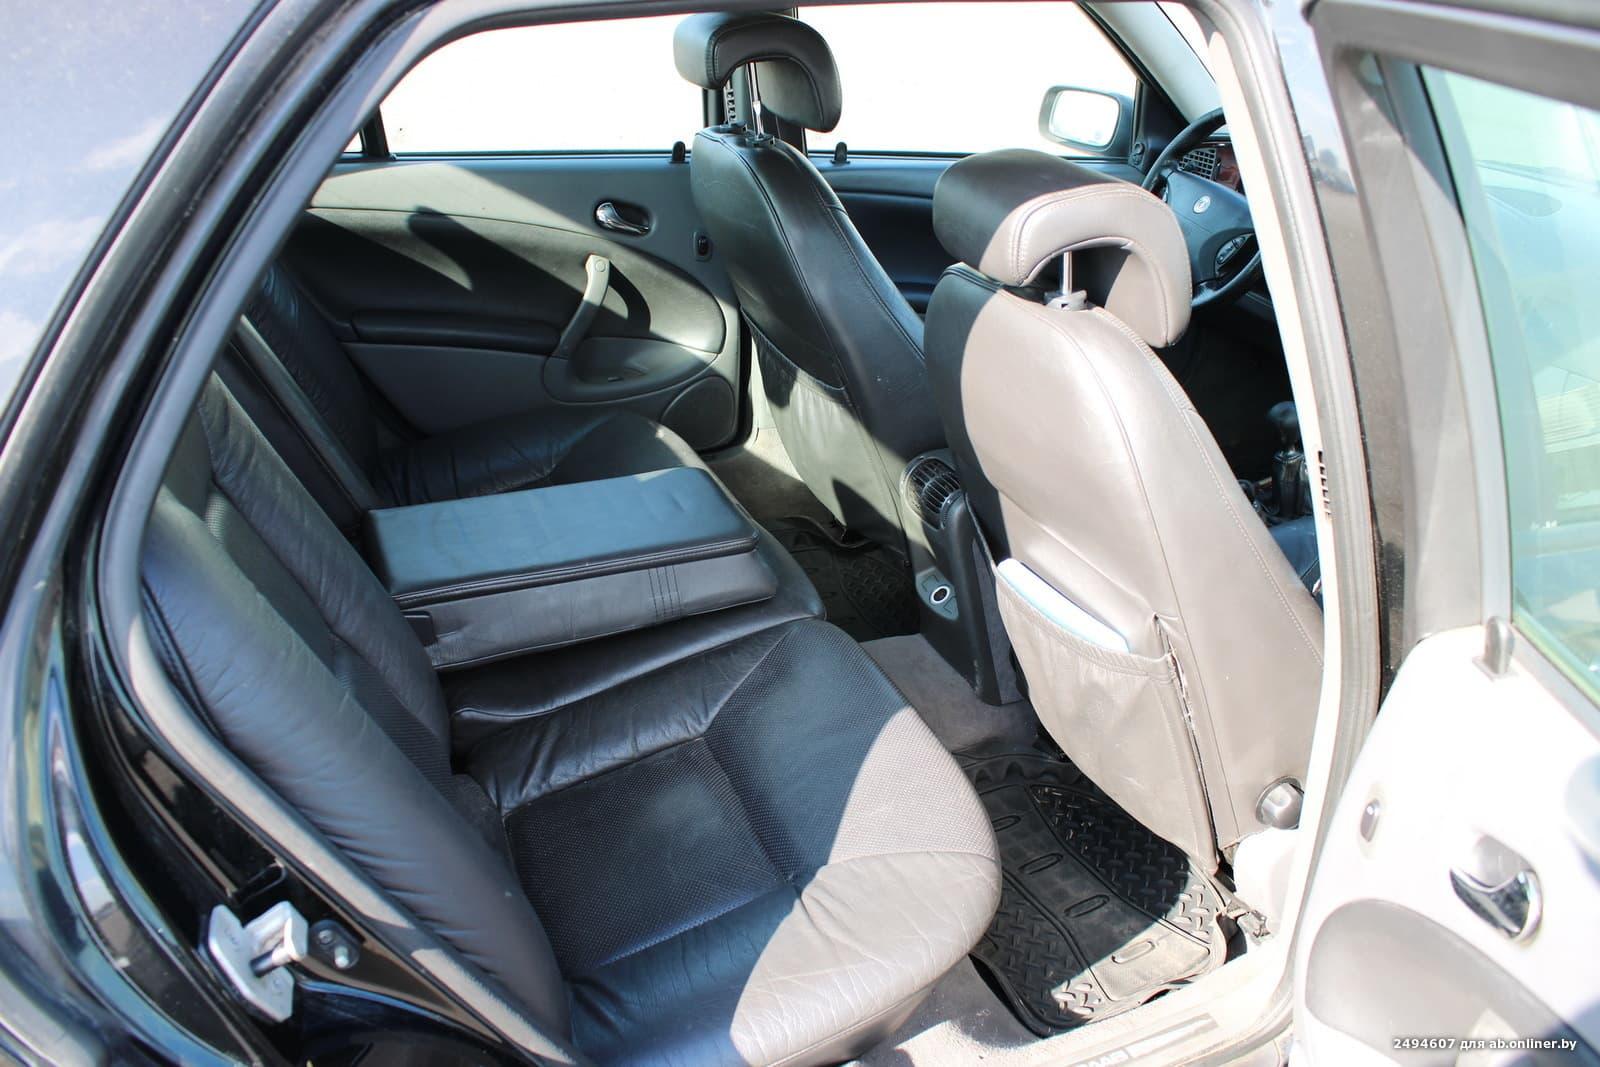 Saab 9 - 5 Turbo